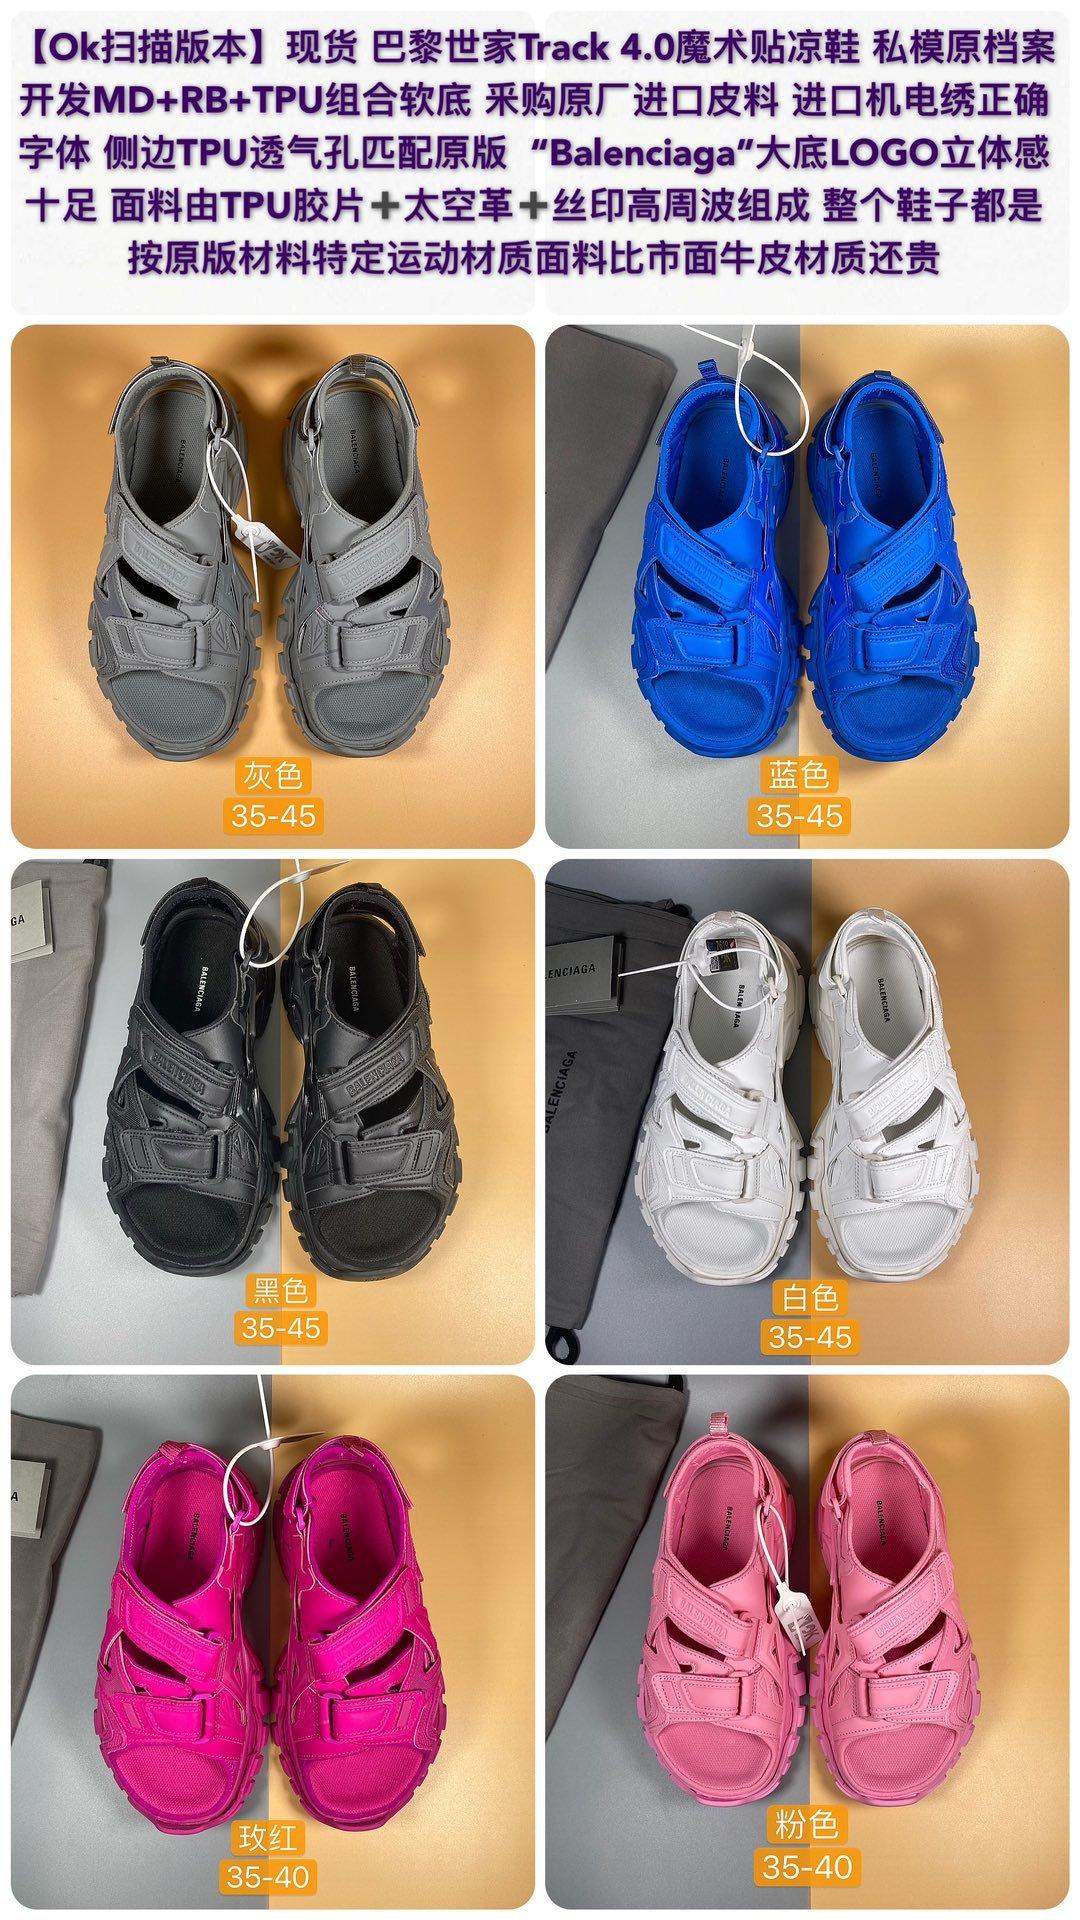 【OK扫描版】顶级巴黎凉鞋 6色齐码